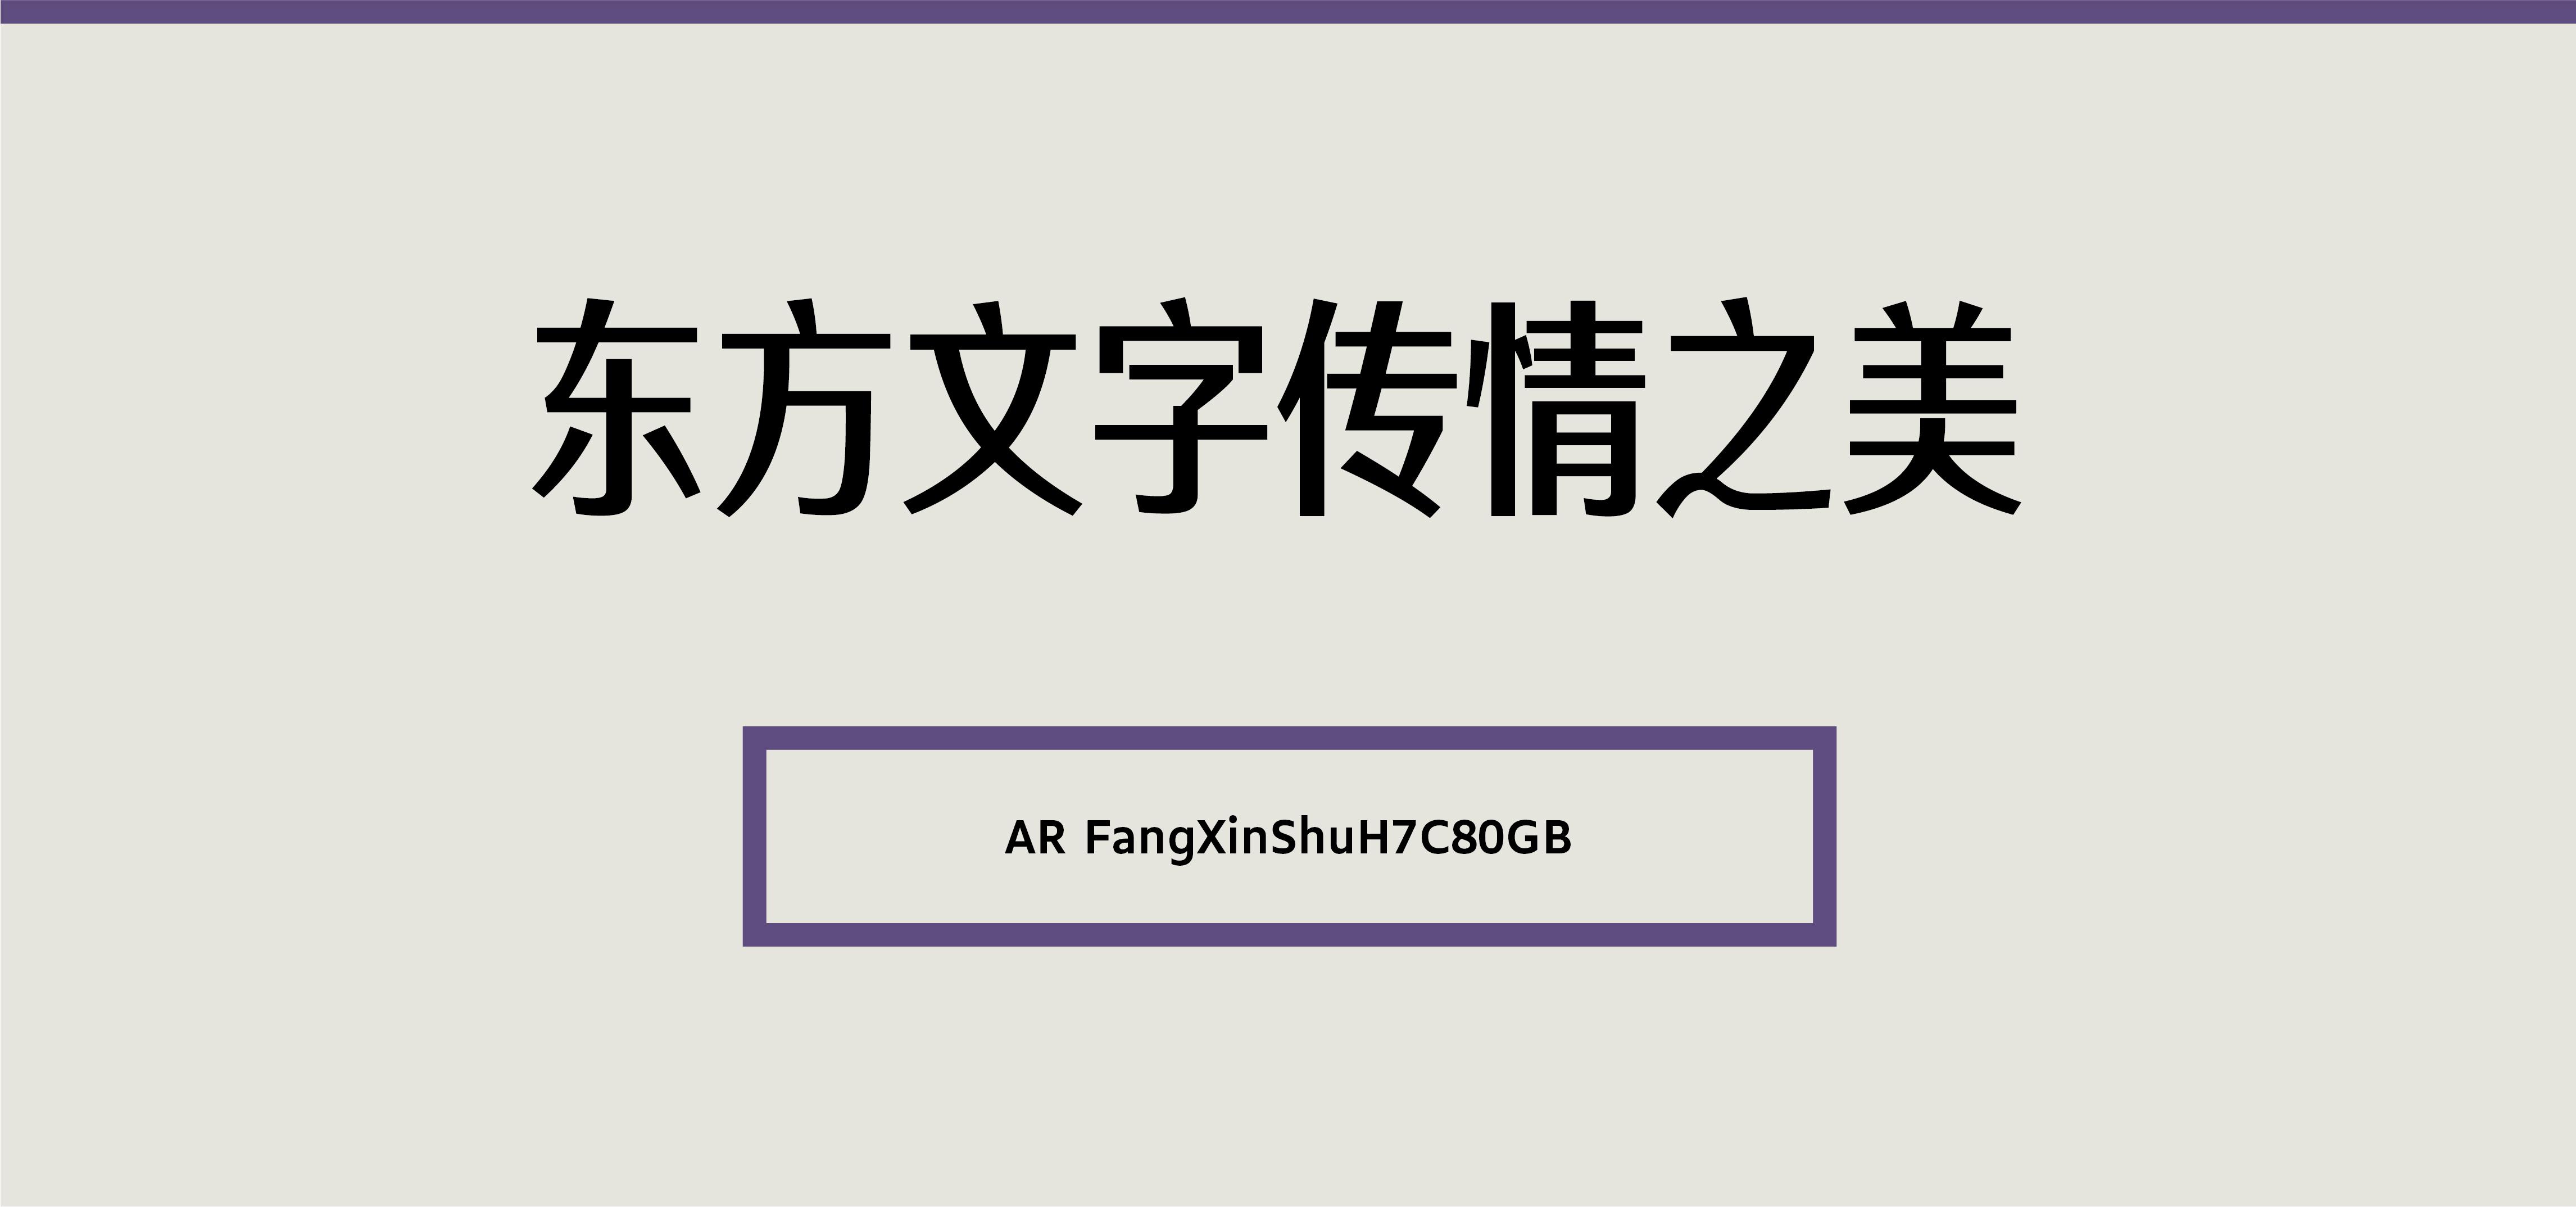 AR FangXinShuH7C80GB